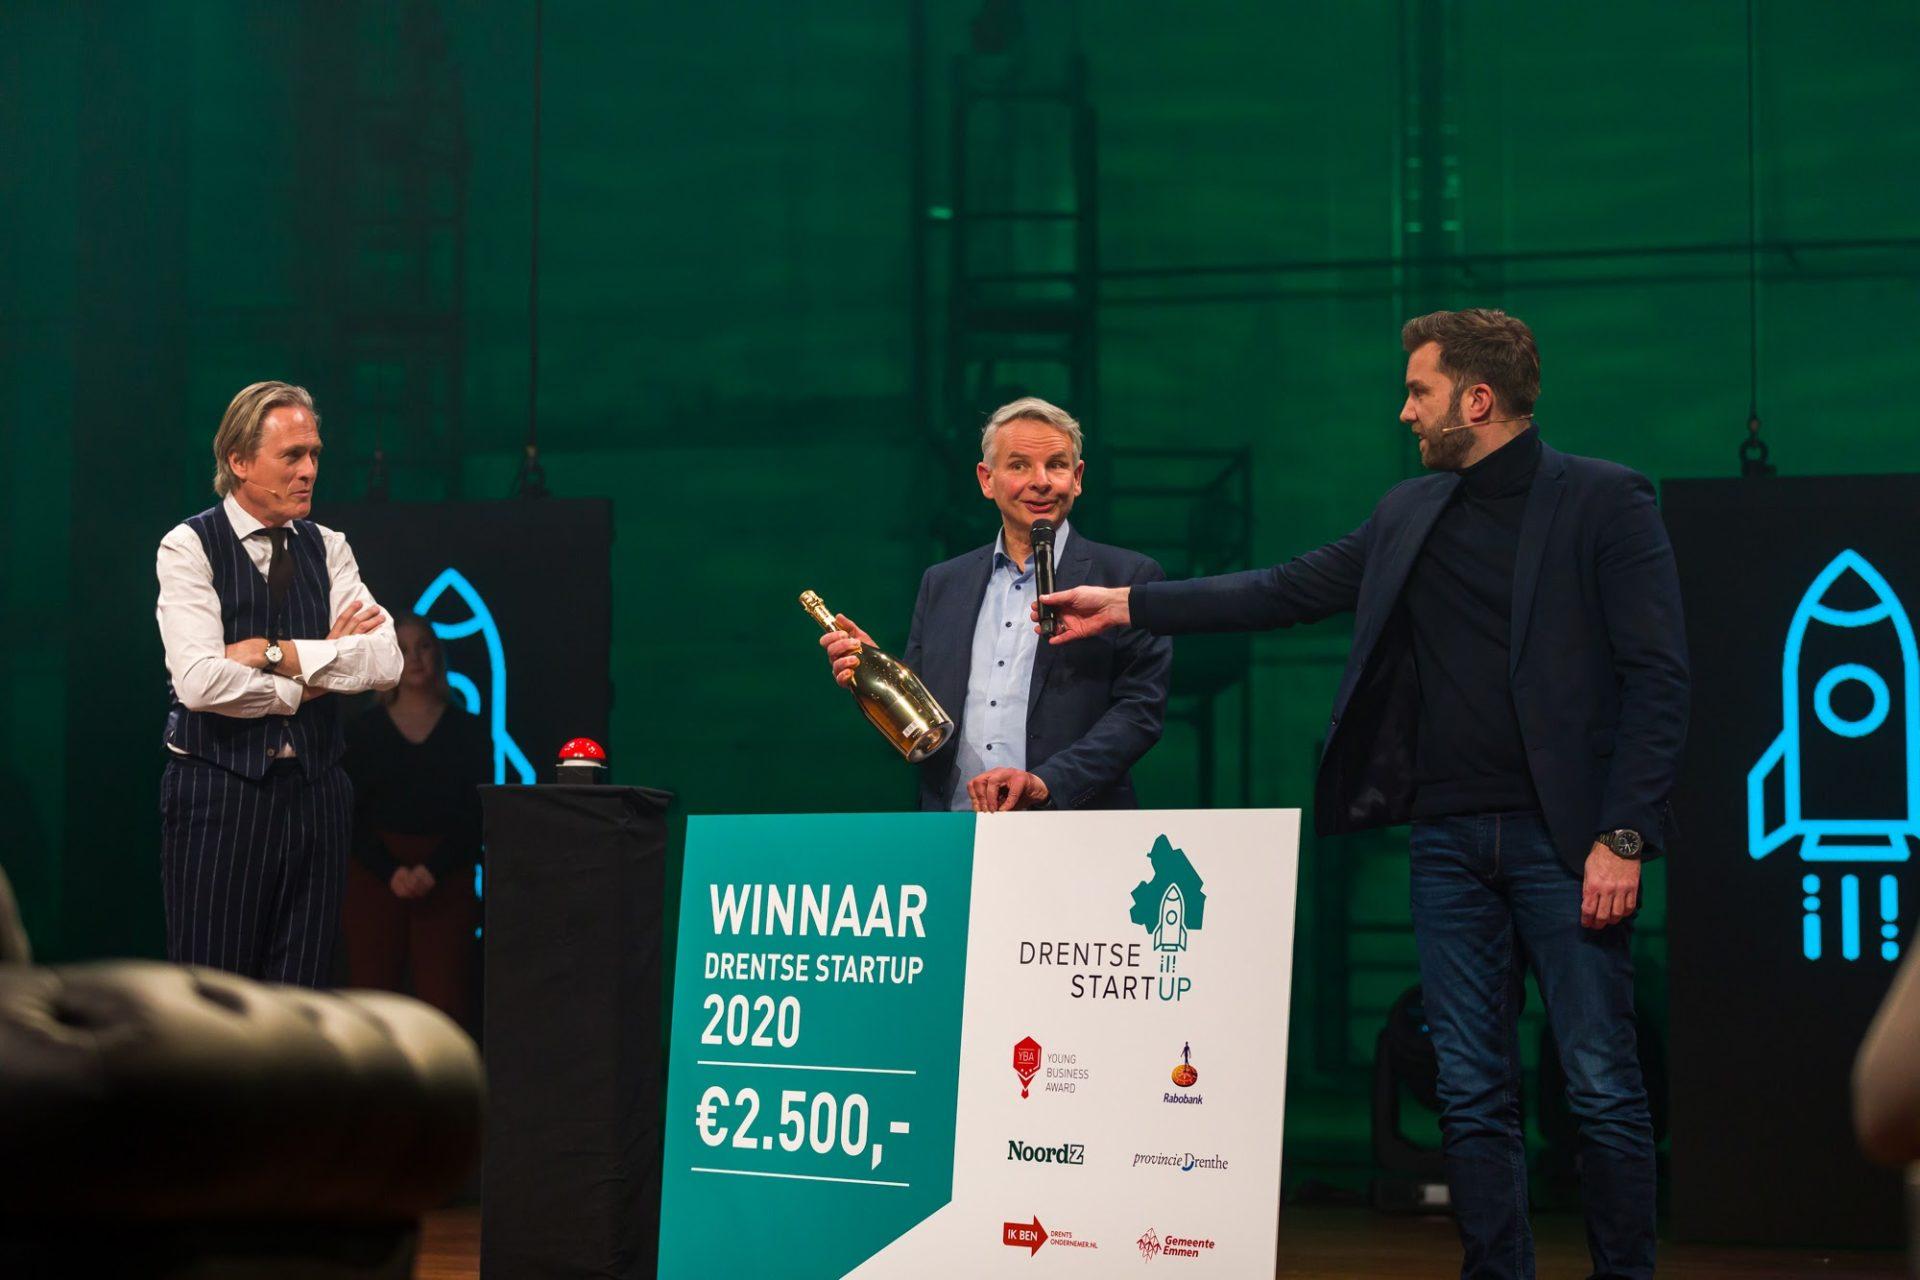 CuRe Technology winnaar Drentse Startup